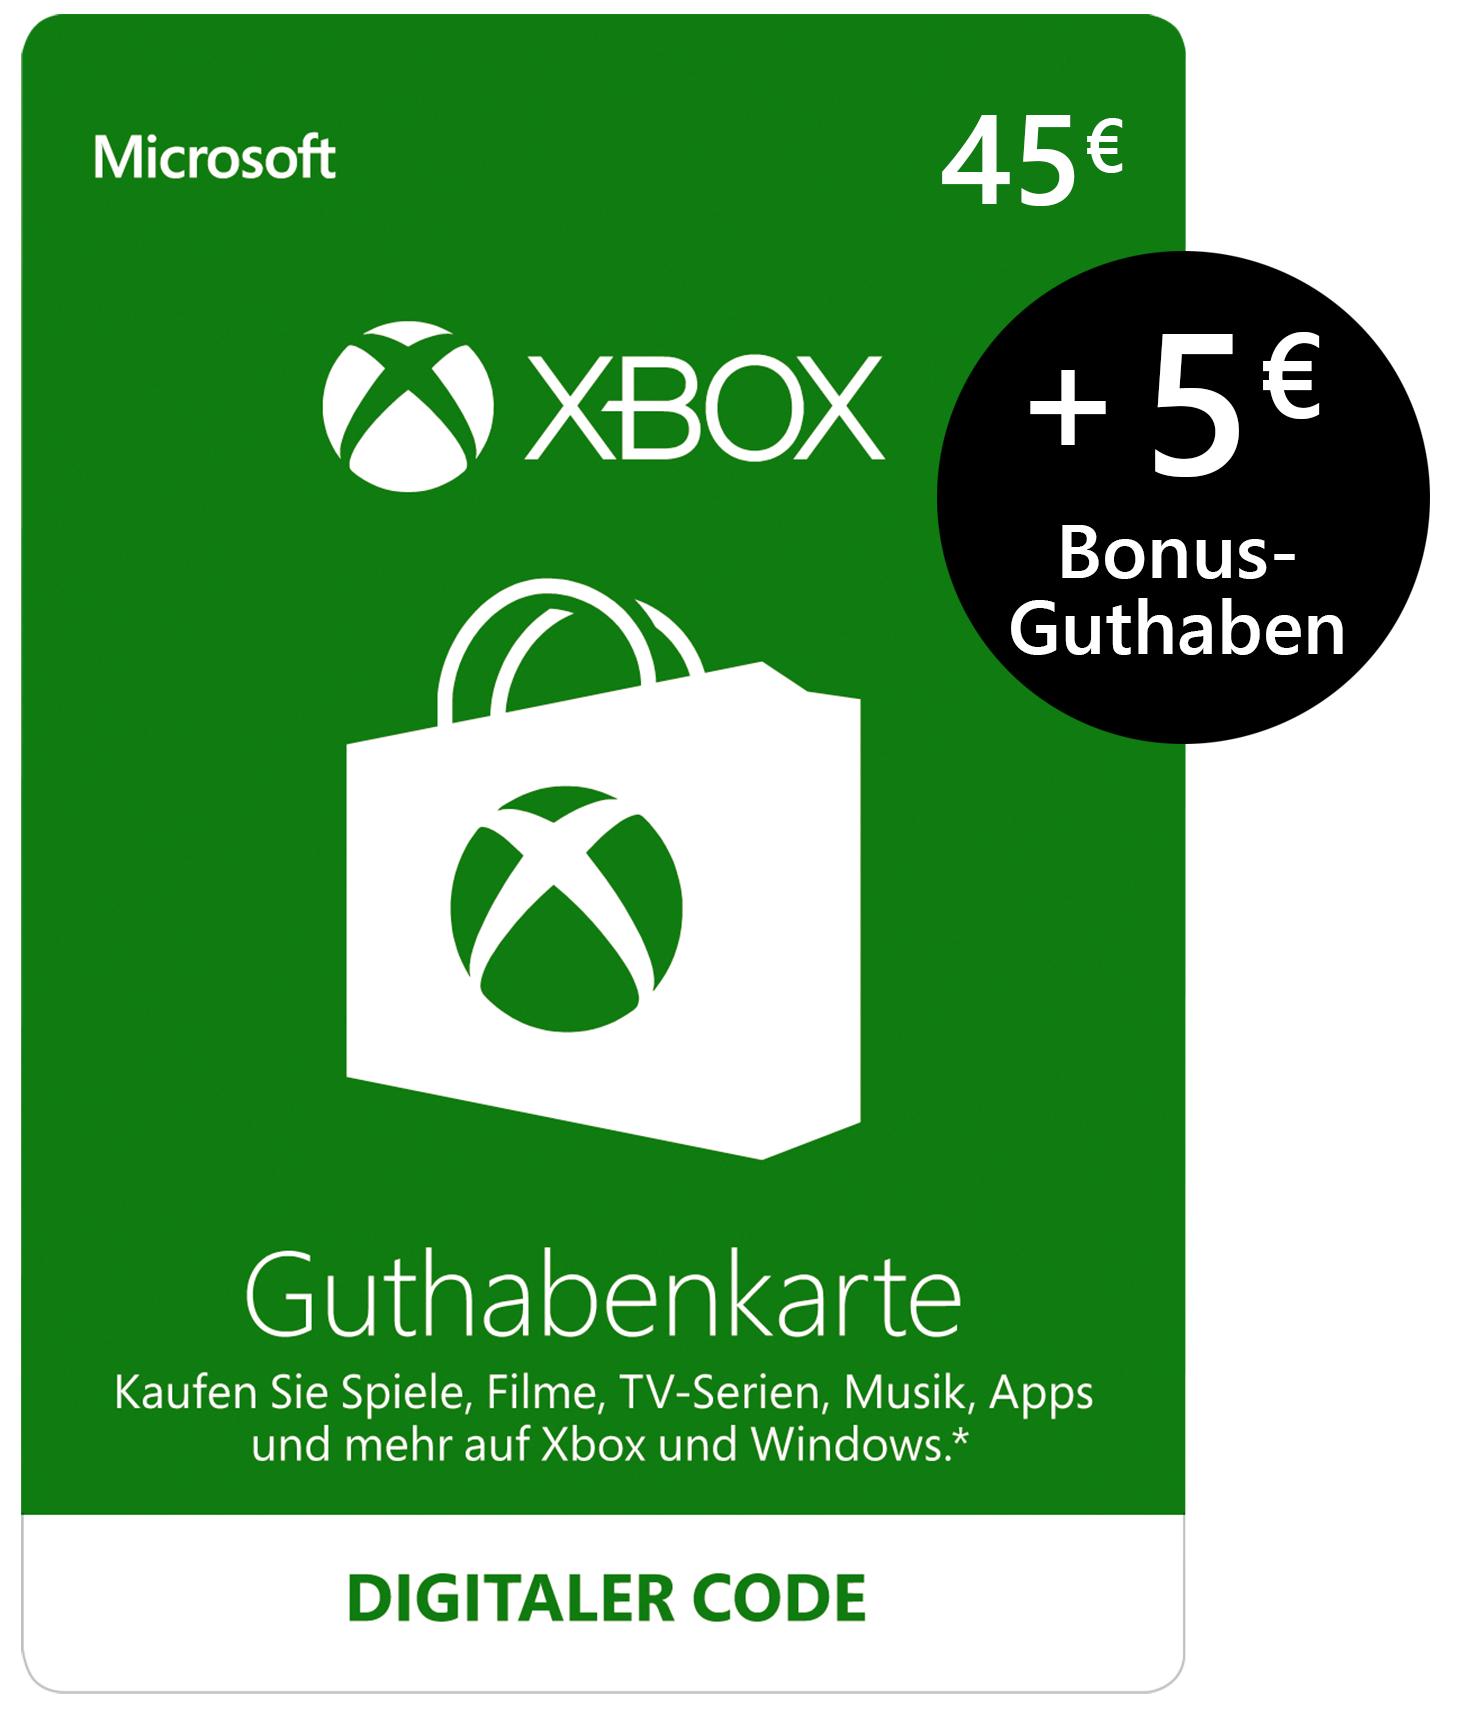 45€ XBOX Live Guthaben mit 5€ Gratis